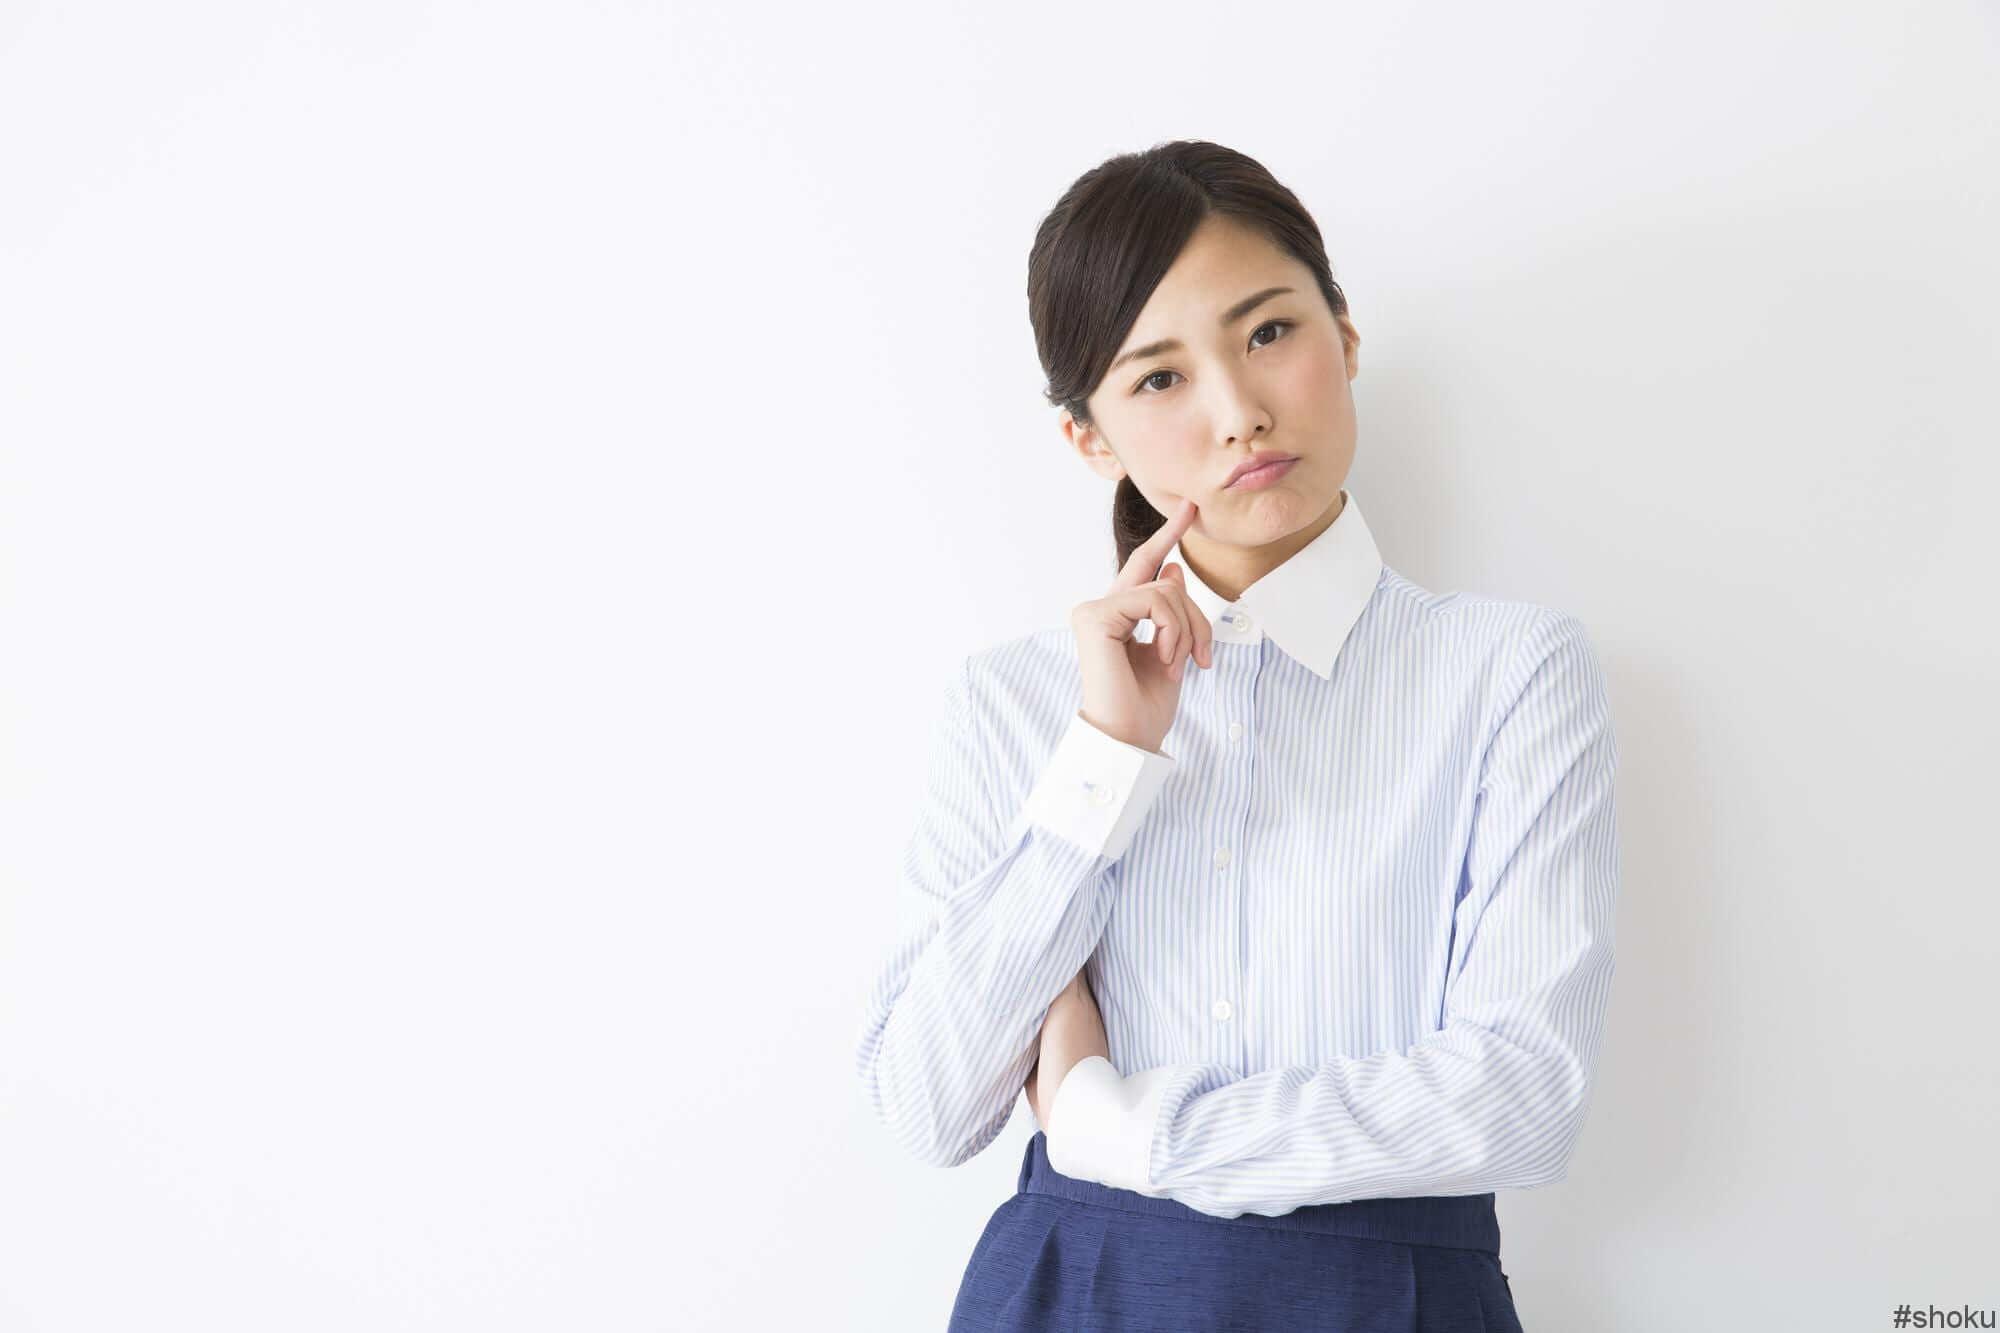 面接や職場見学のとき、どのように自分のコミュニケーション能力をアピールするか悩む女性